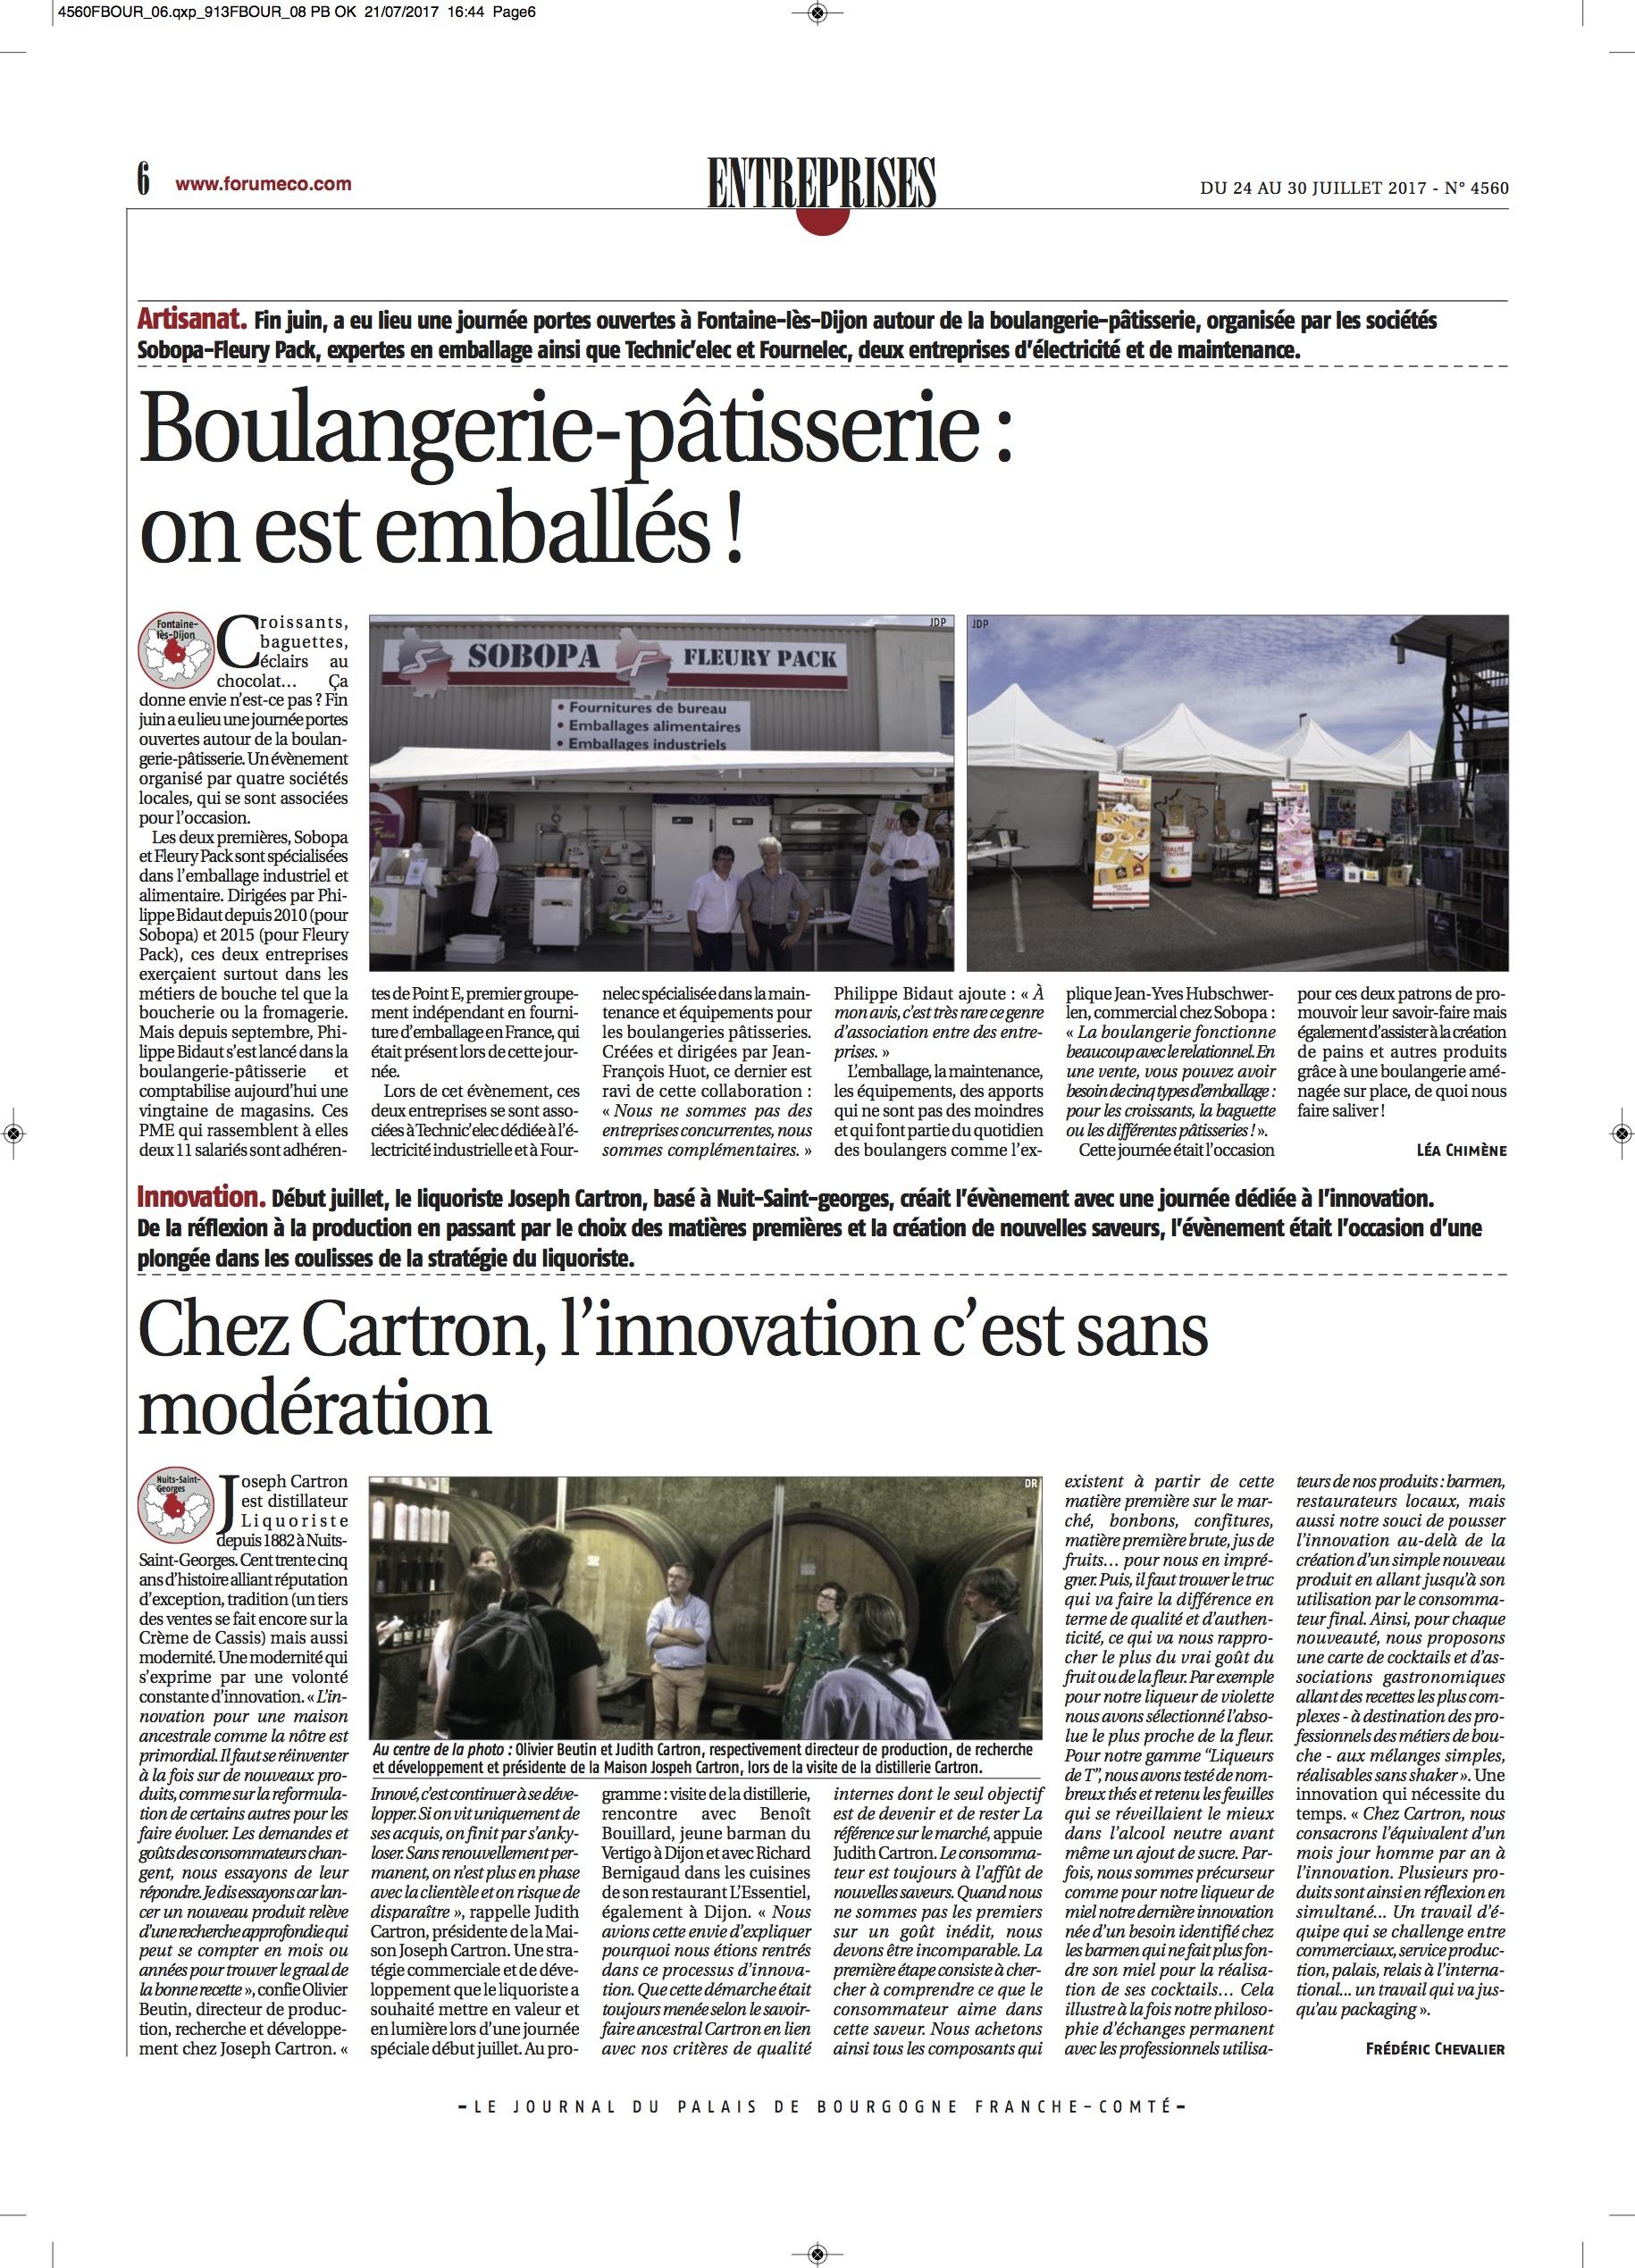 inovation Cartron_journal du palais 2017.jpg